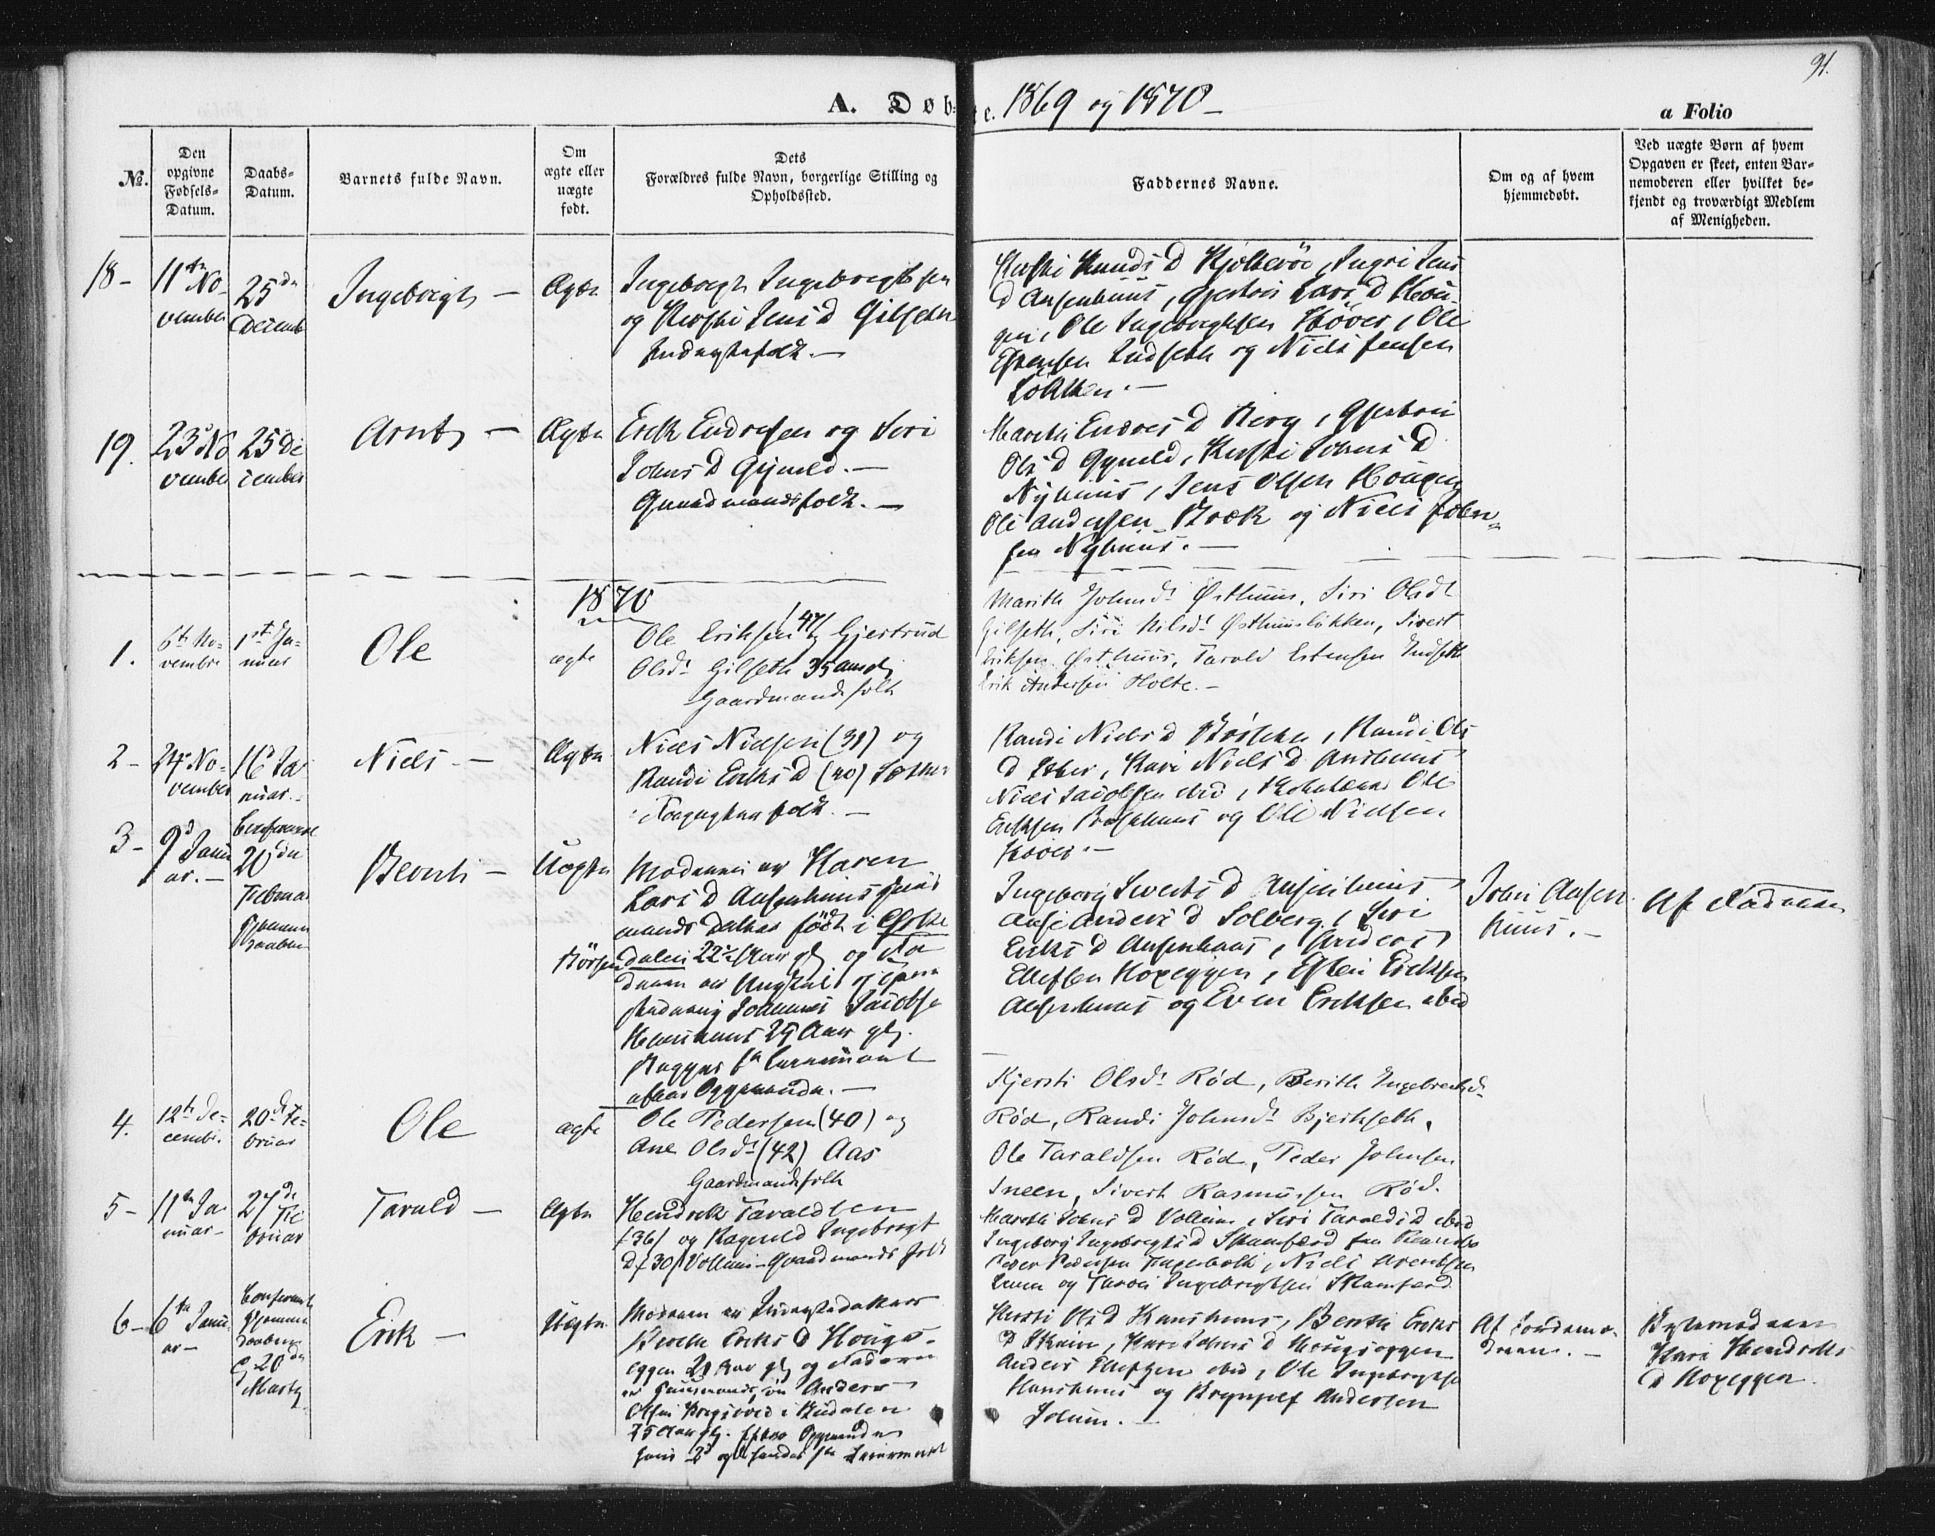 SAT, Ministerialprotokoller, klokkerbøker og fødselsregistre - Sør-Trøndelag, 689/L1038: Ministerialbok nr. 689A03, 1848-1872, s. 91